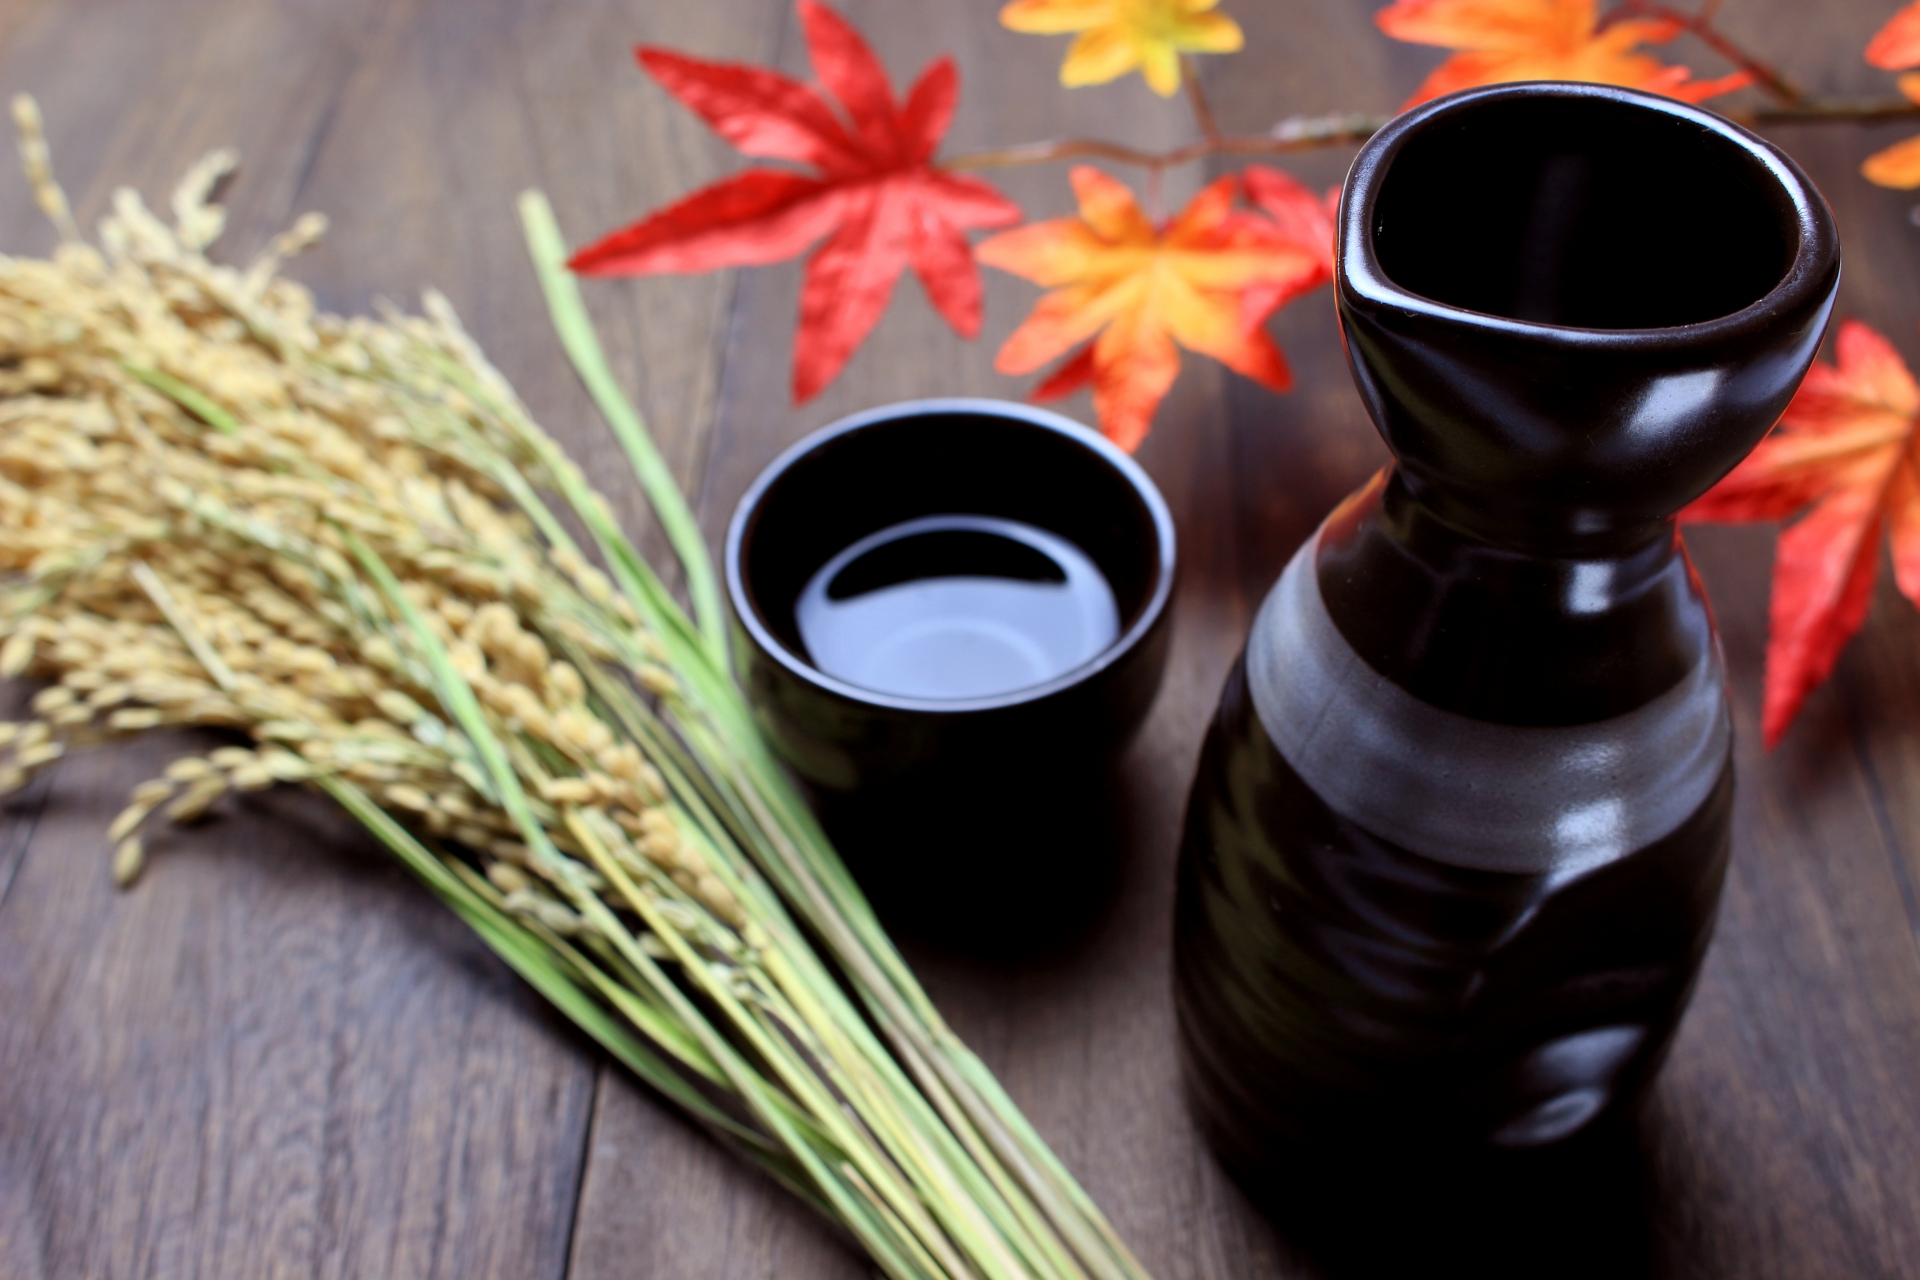 金沢の日本酒おすすめランキング!お土産にも人気の有名銘柄紹介!